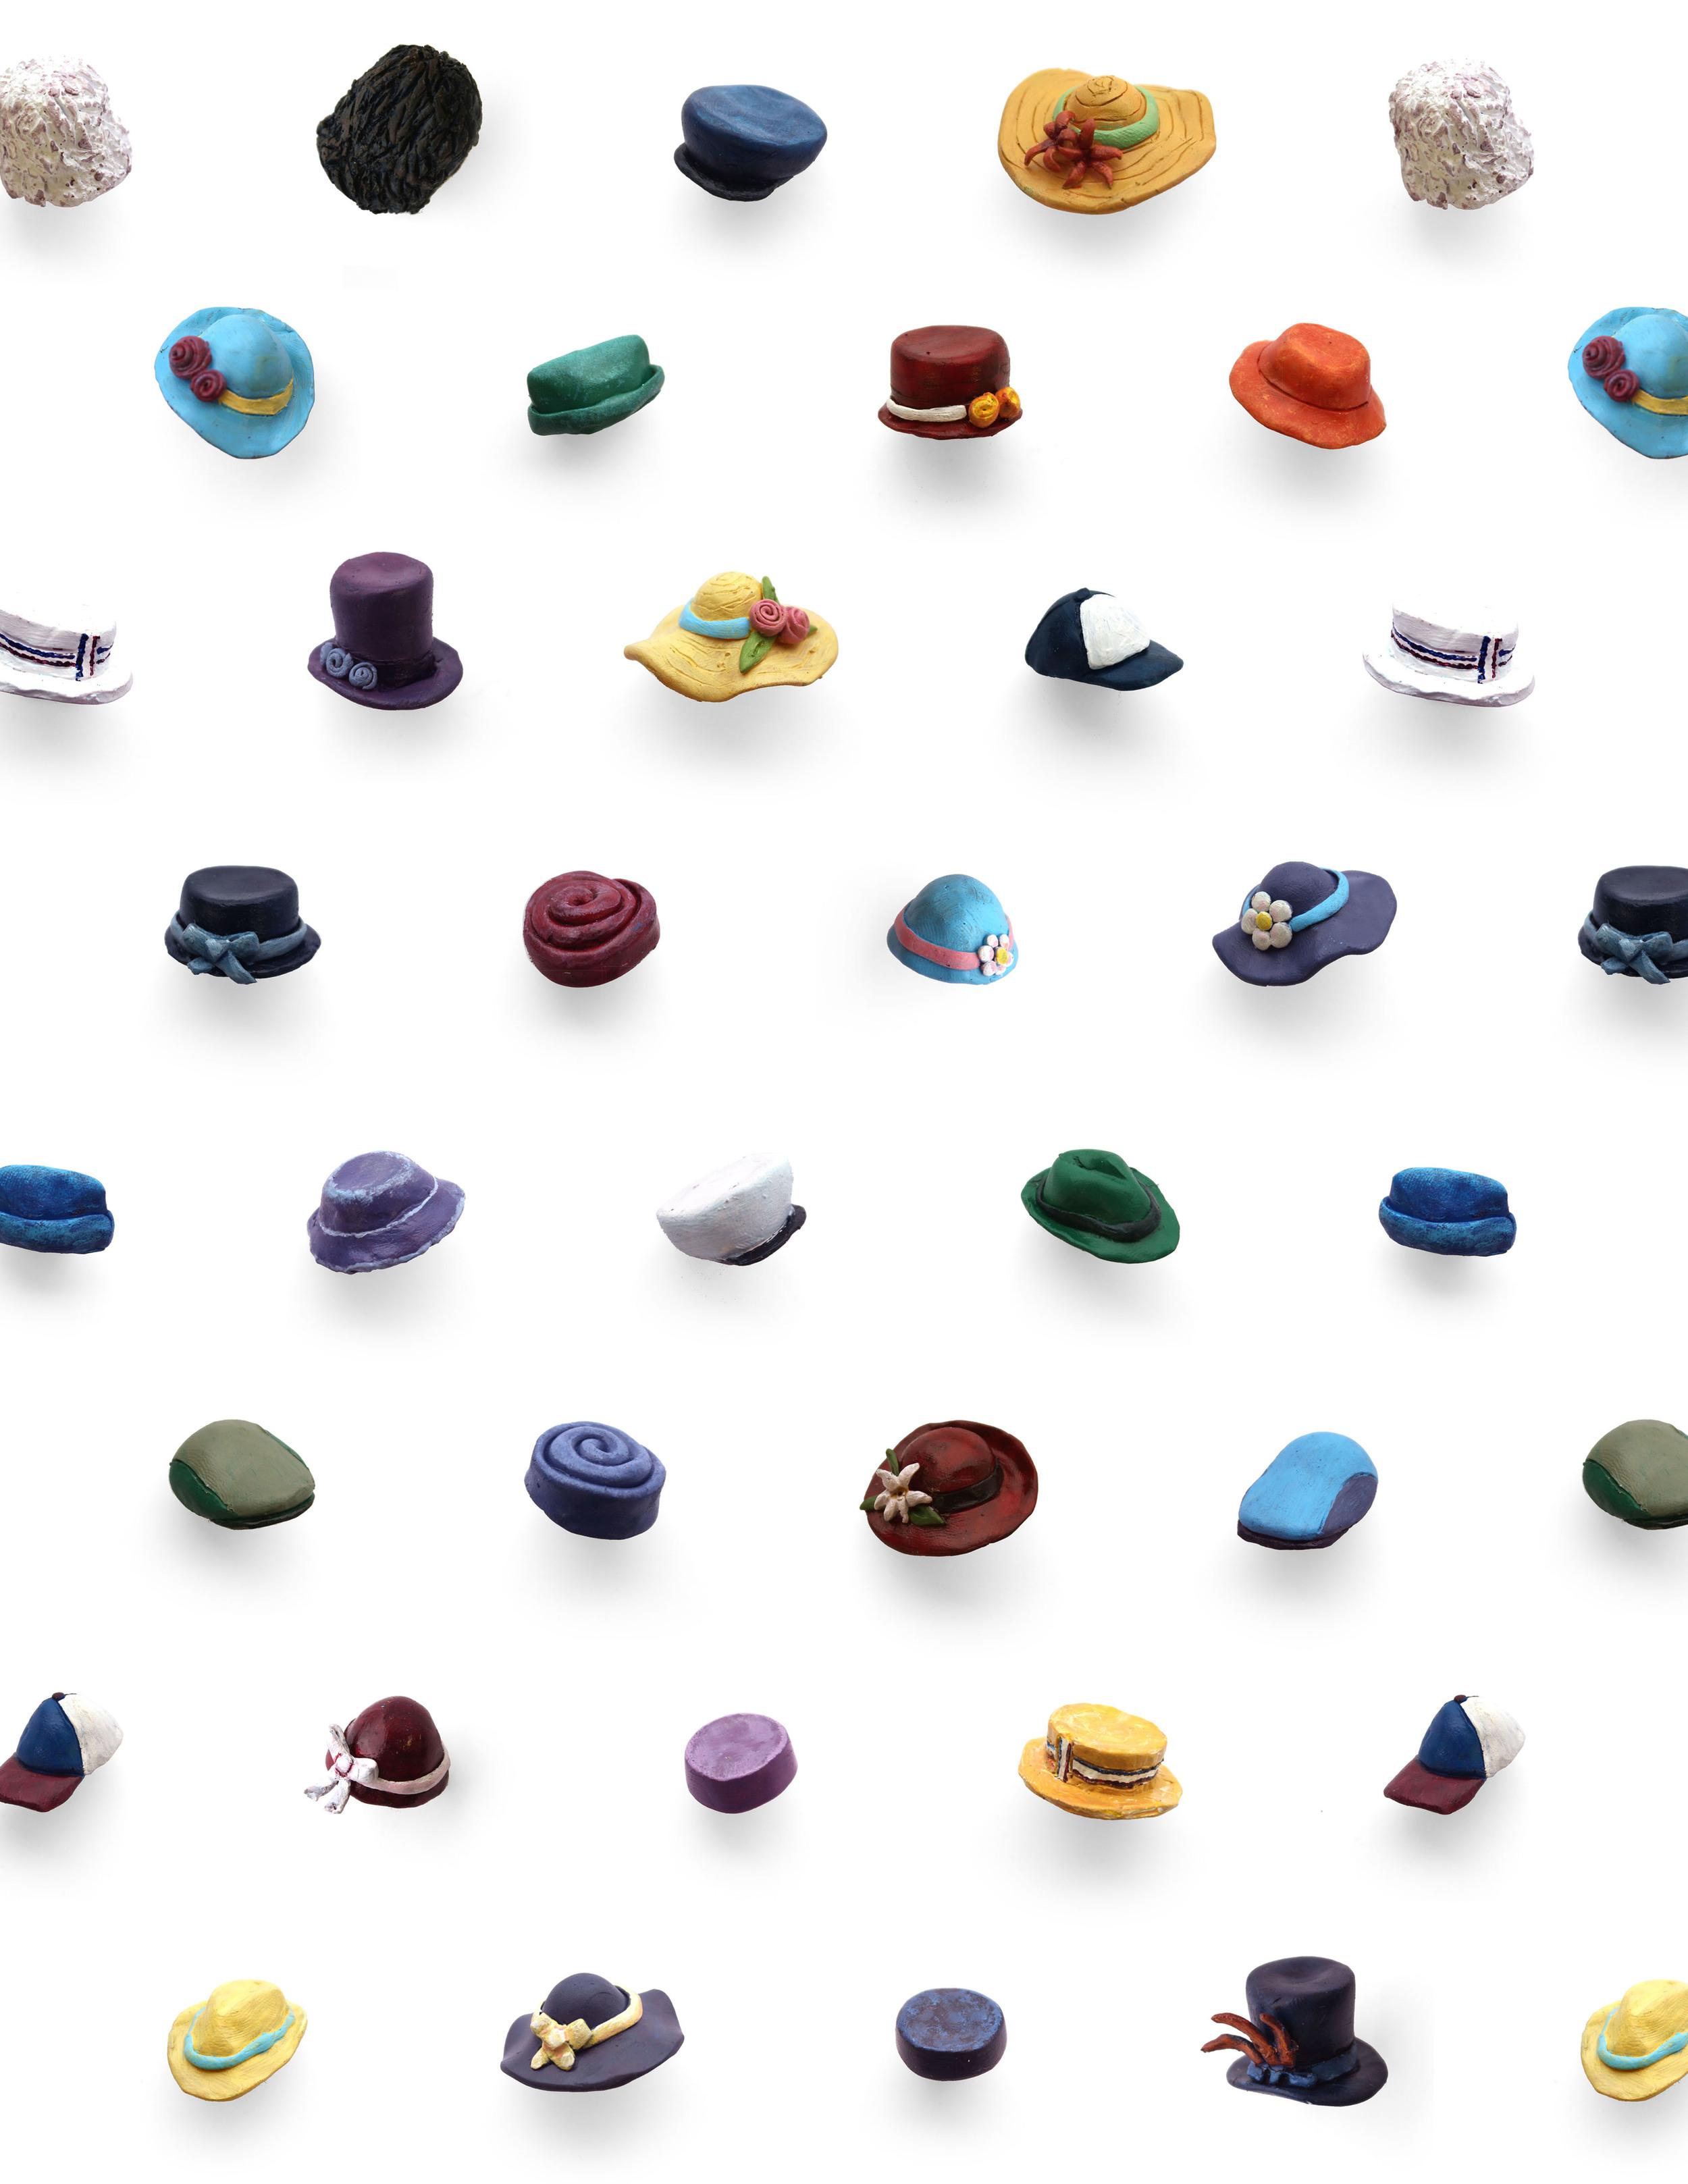 Tiny Hats on Parade